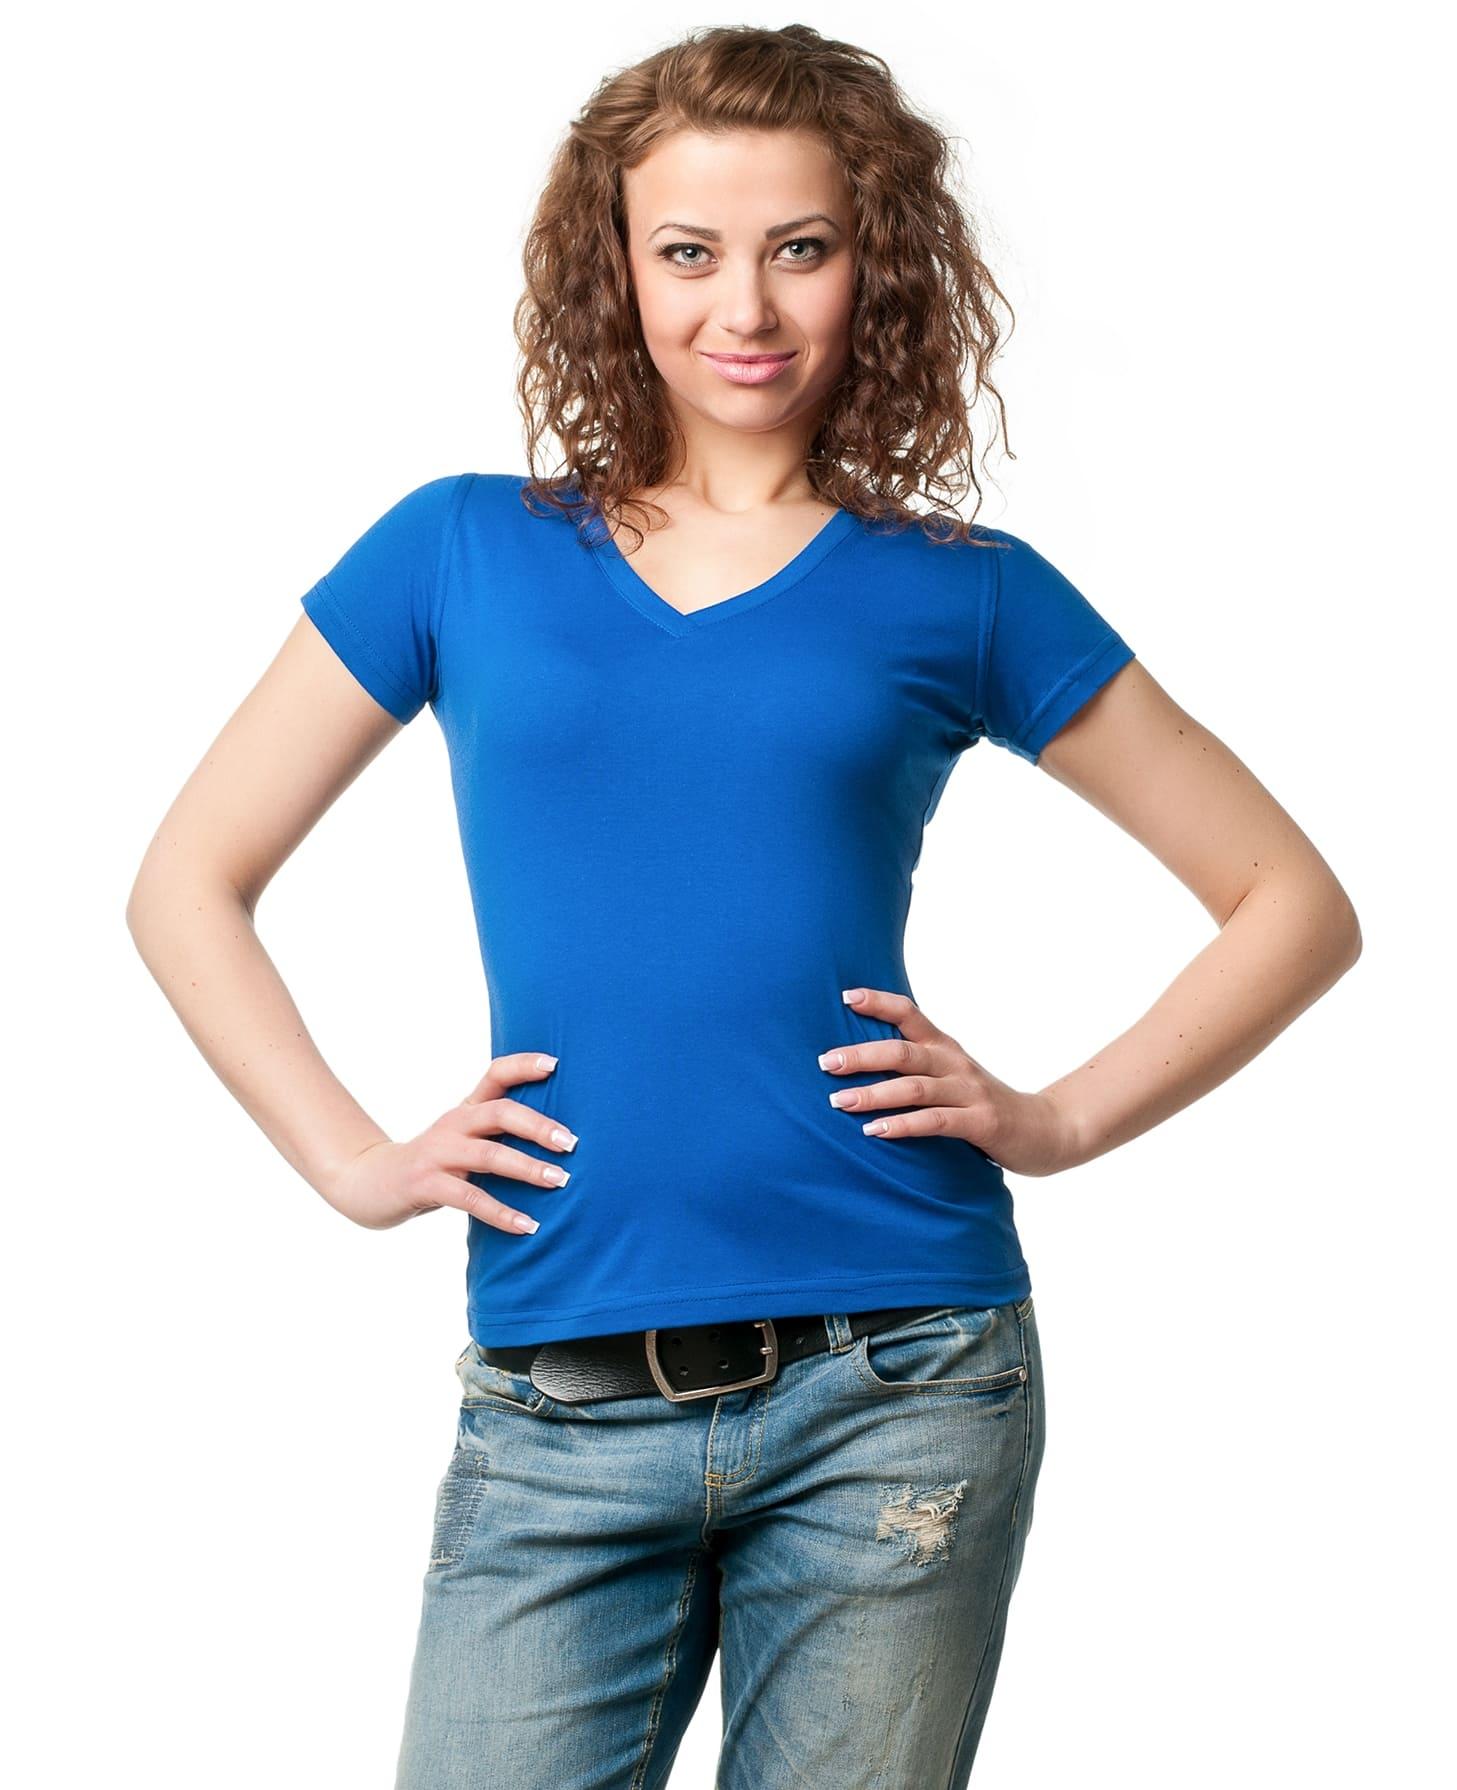 Женская футболка стандарт с V — образным вырезом